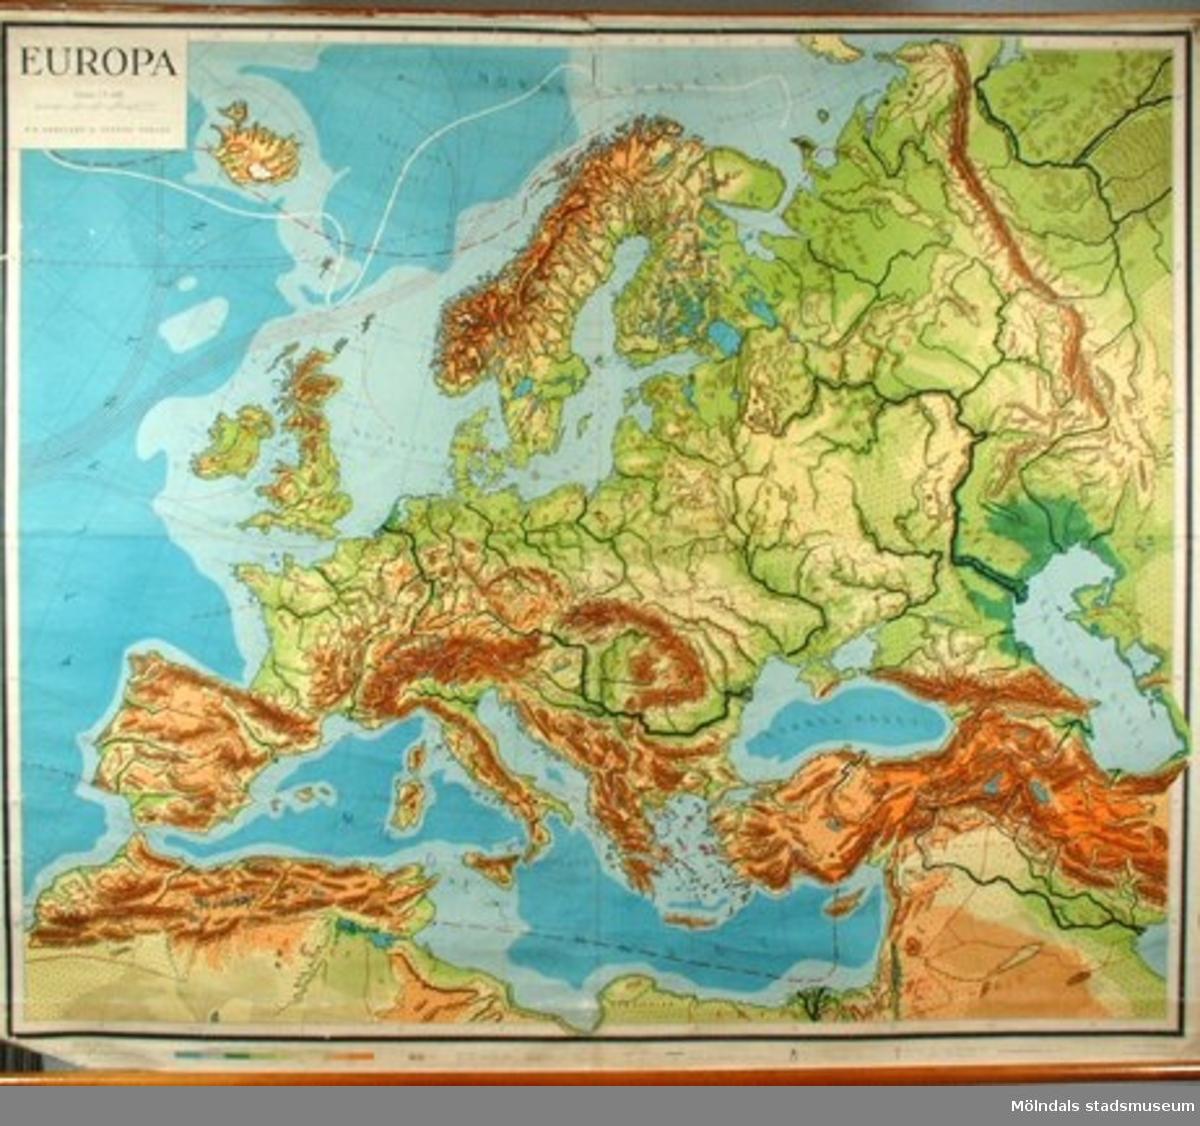 Motiv: Europa, kartan är från före ryska revolutionen. Trasig, behöver lagas.